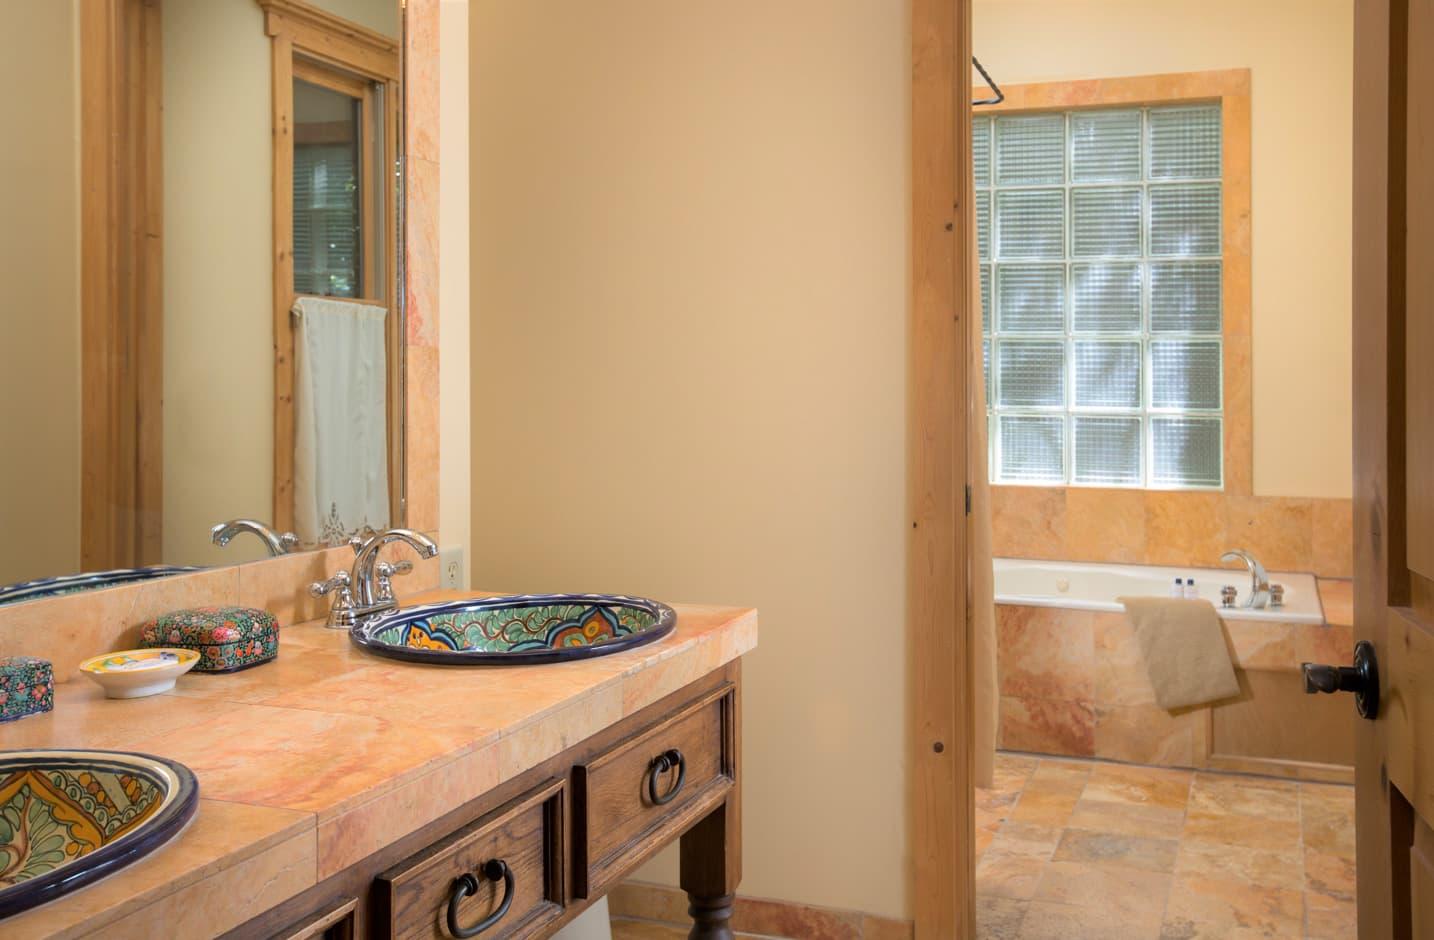 Whirlpool tub in a bathroom with ornate vanity sinks